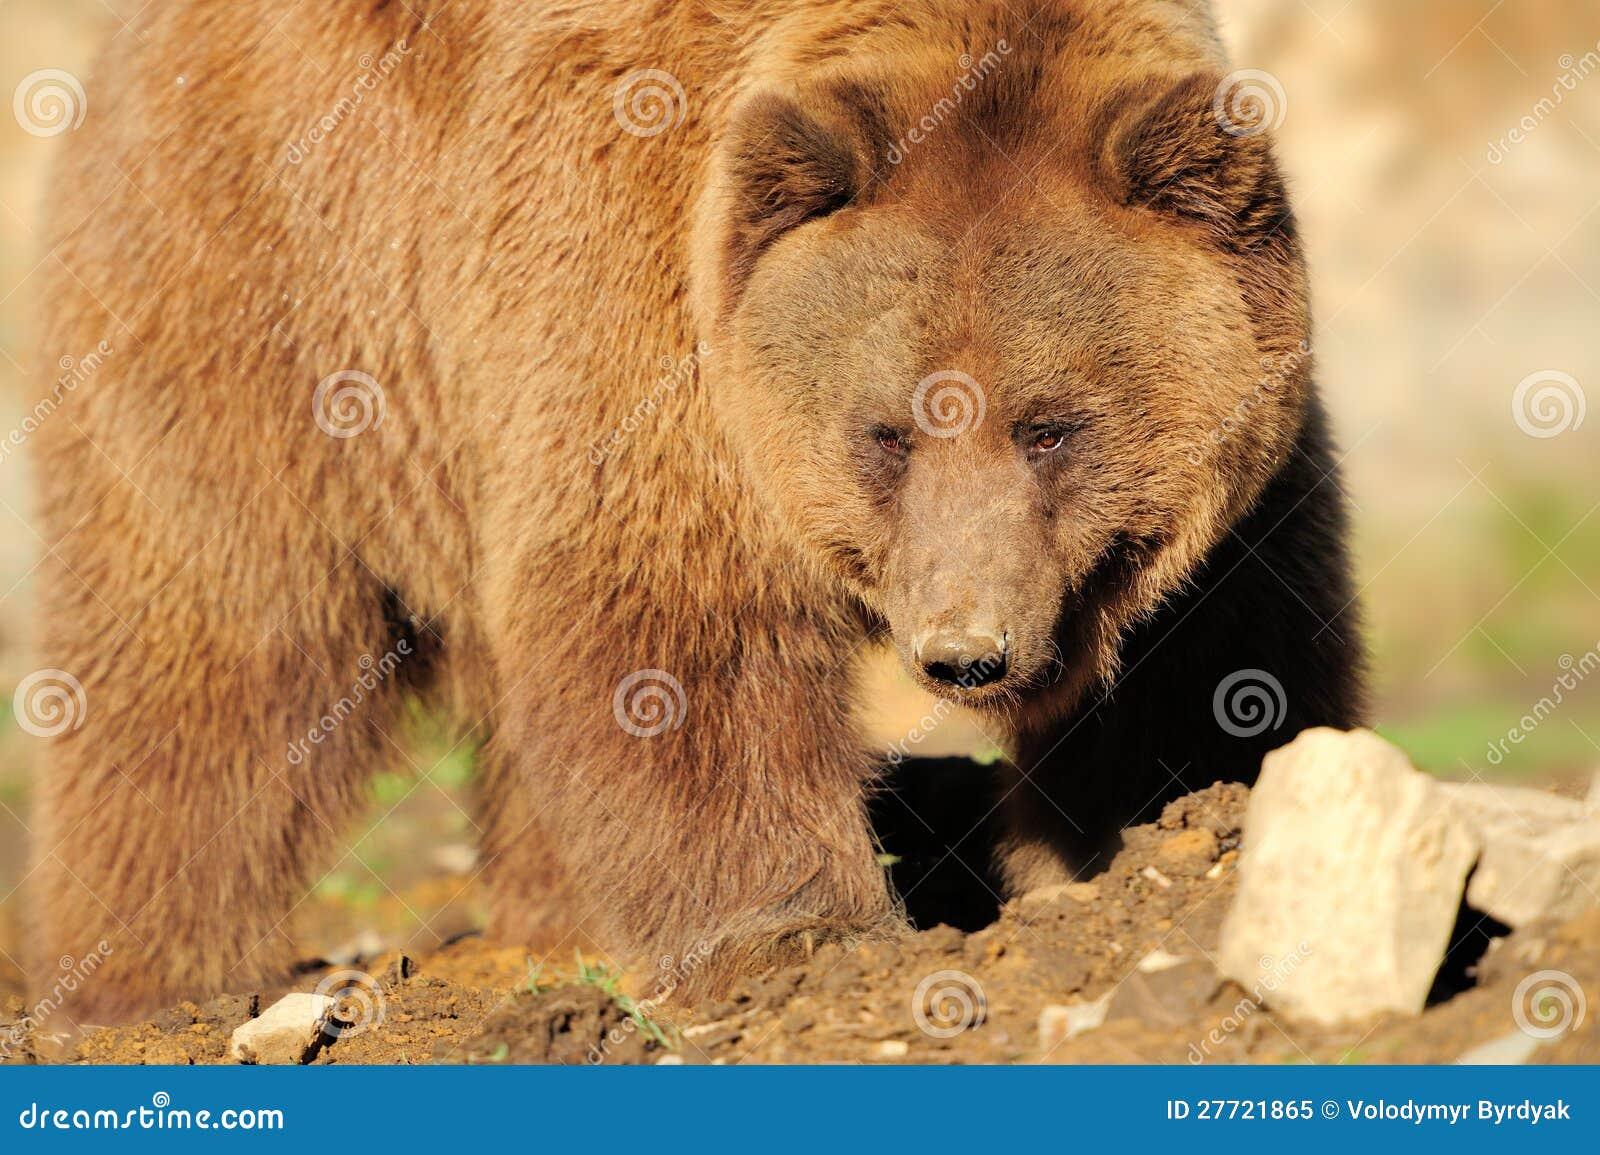 熊乃瑺yak9�+�,_no pr: no 0 477 0 大棕熊 id 27721865 © volodymyr byrdyak